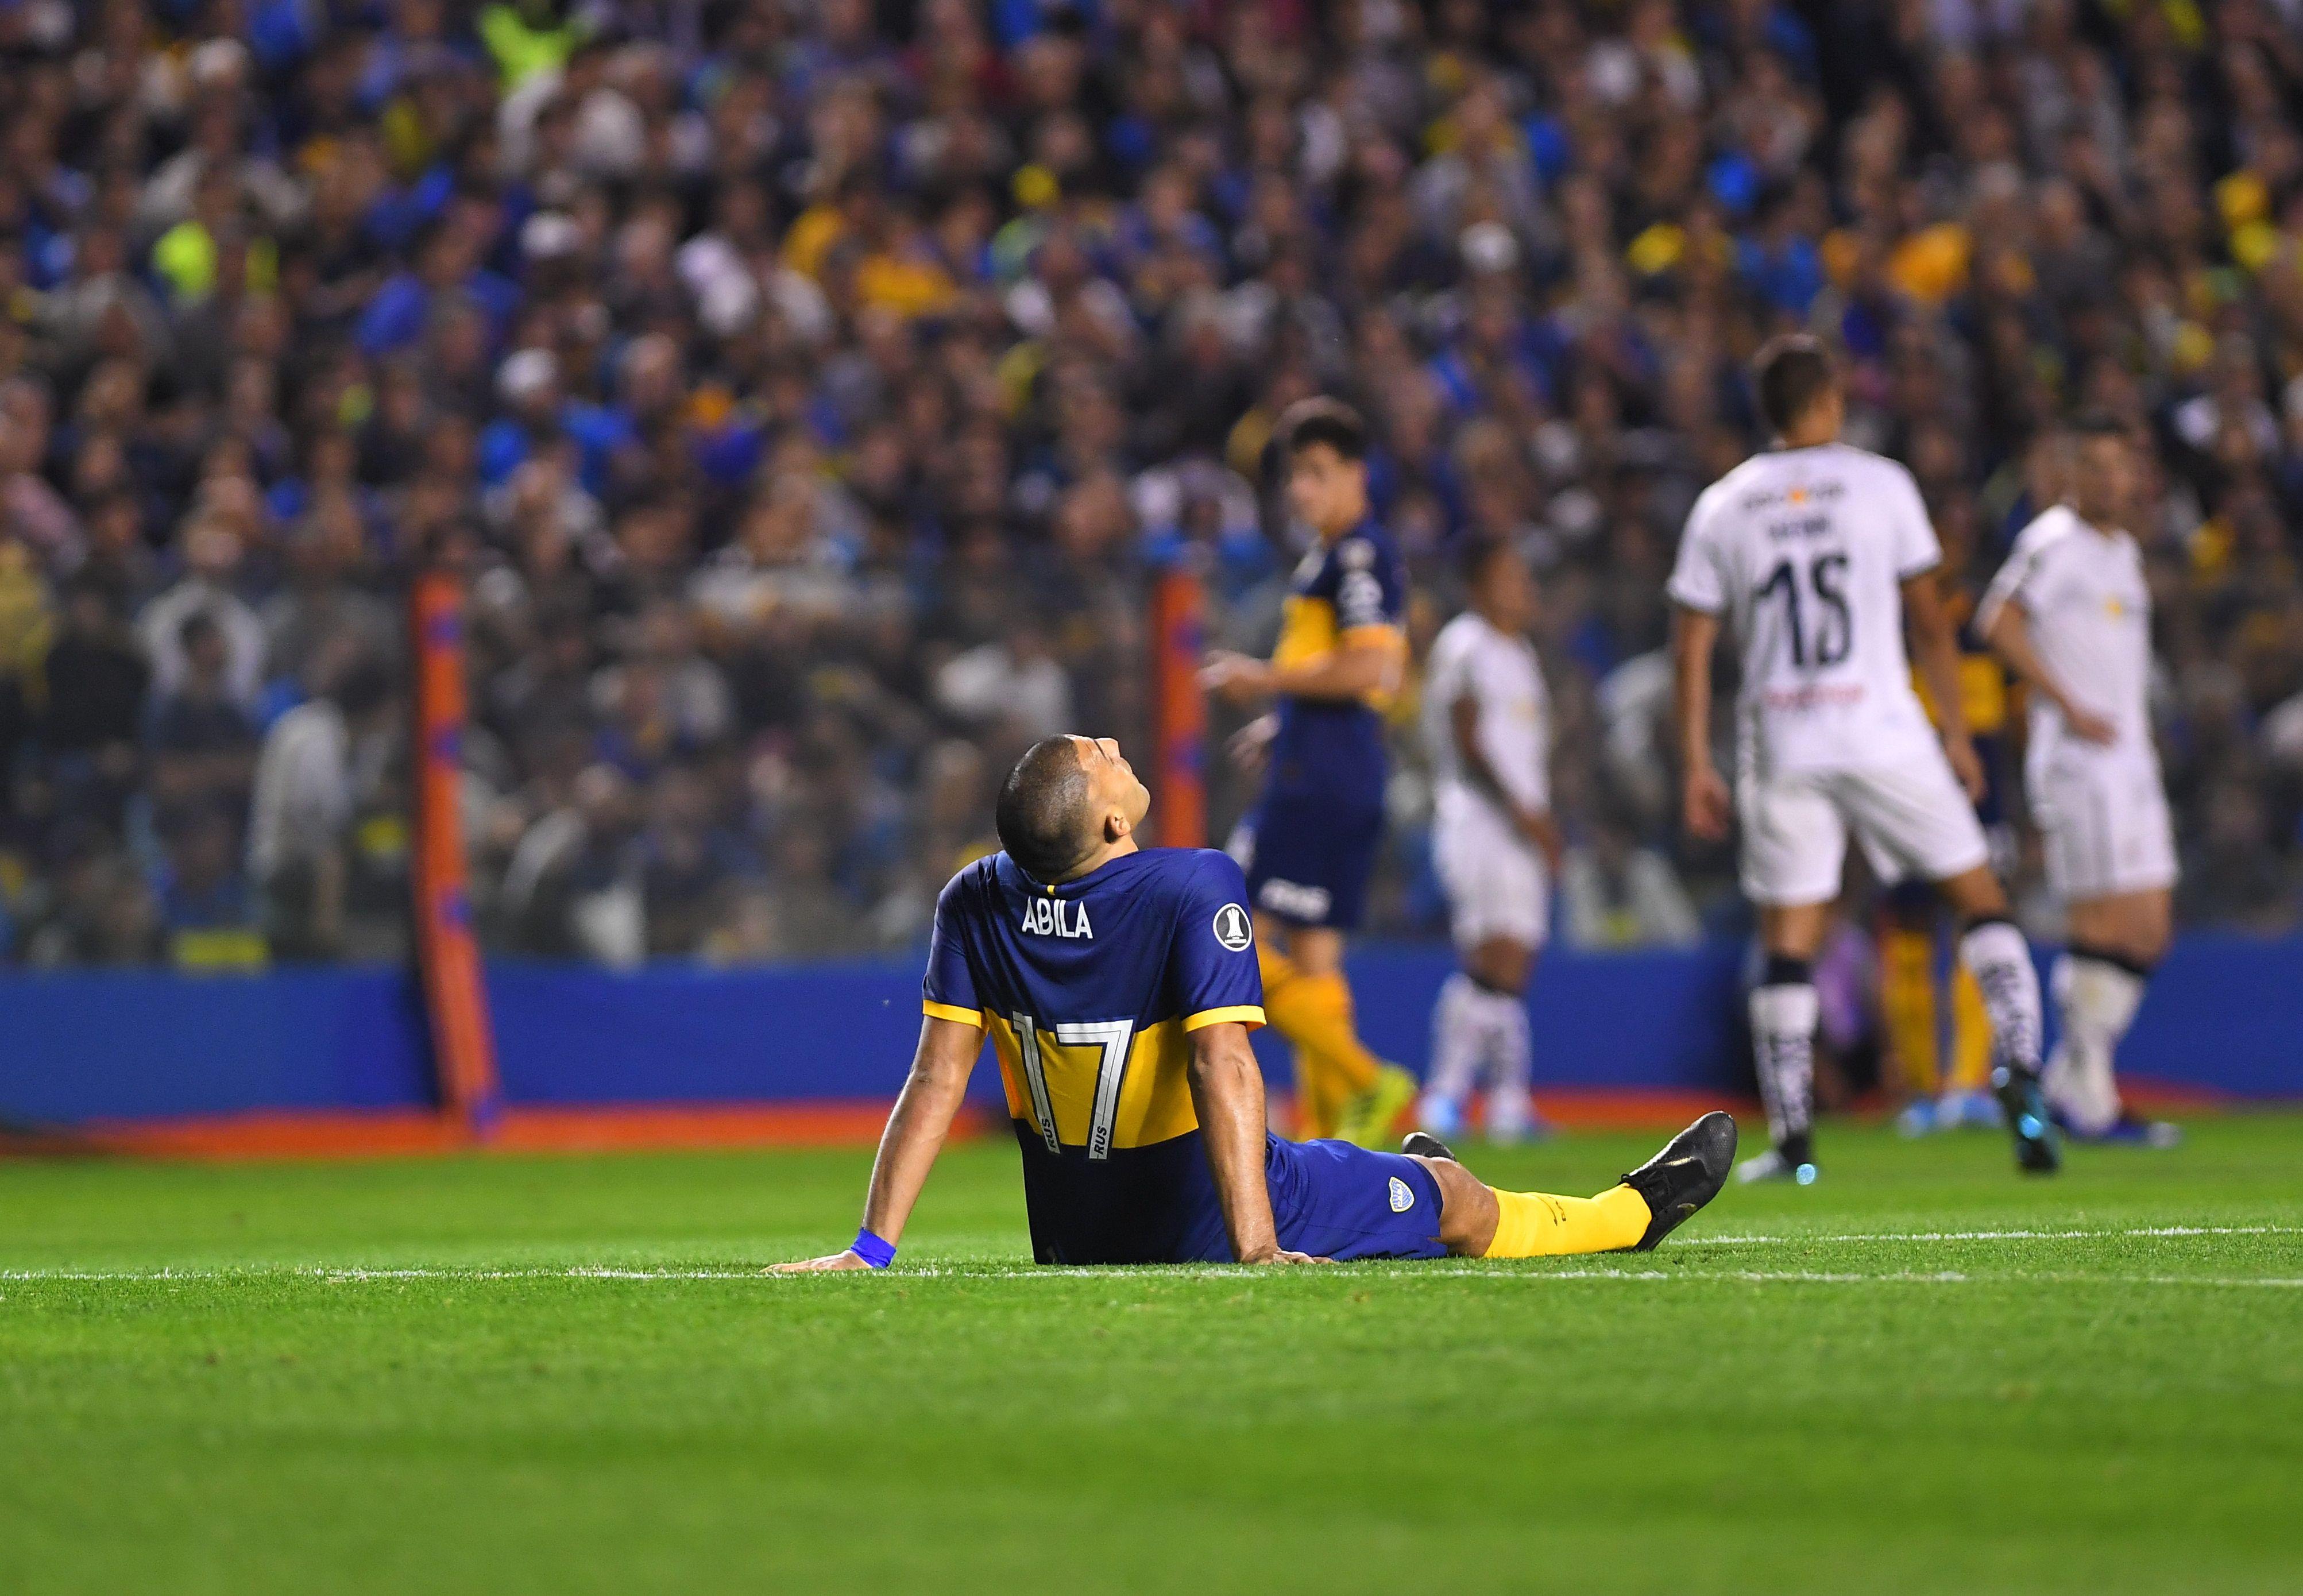 Pésimas noticias para Boca: se confirmaron las lesiones de Salvio y Wanchope Ábila